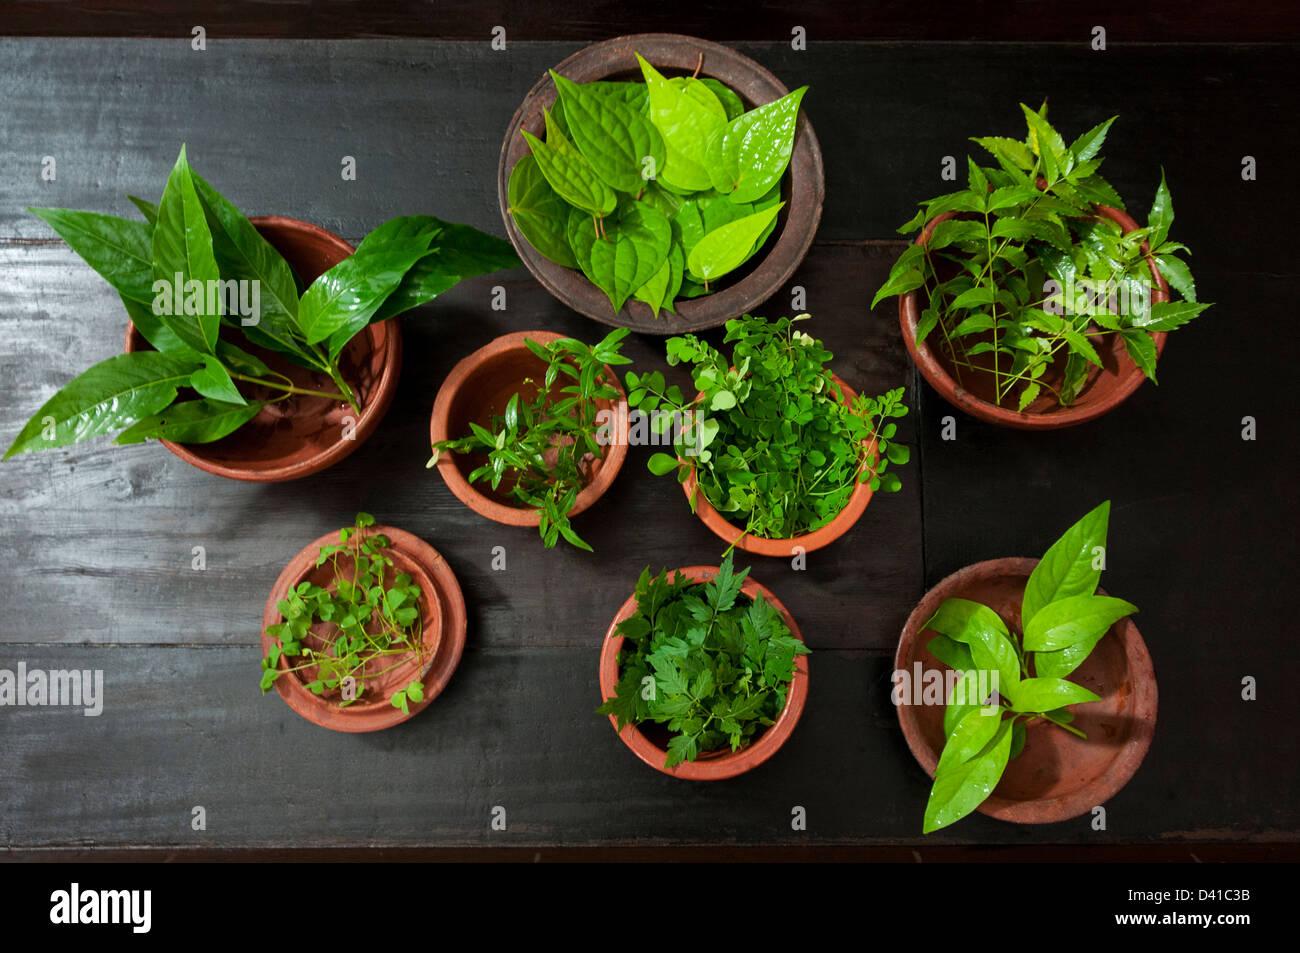 Hierbas medicinales plantas mantenidas en potes, utilizados para la elaboración de medicinas para el ayurveda Imagen De Stock